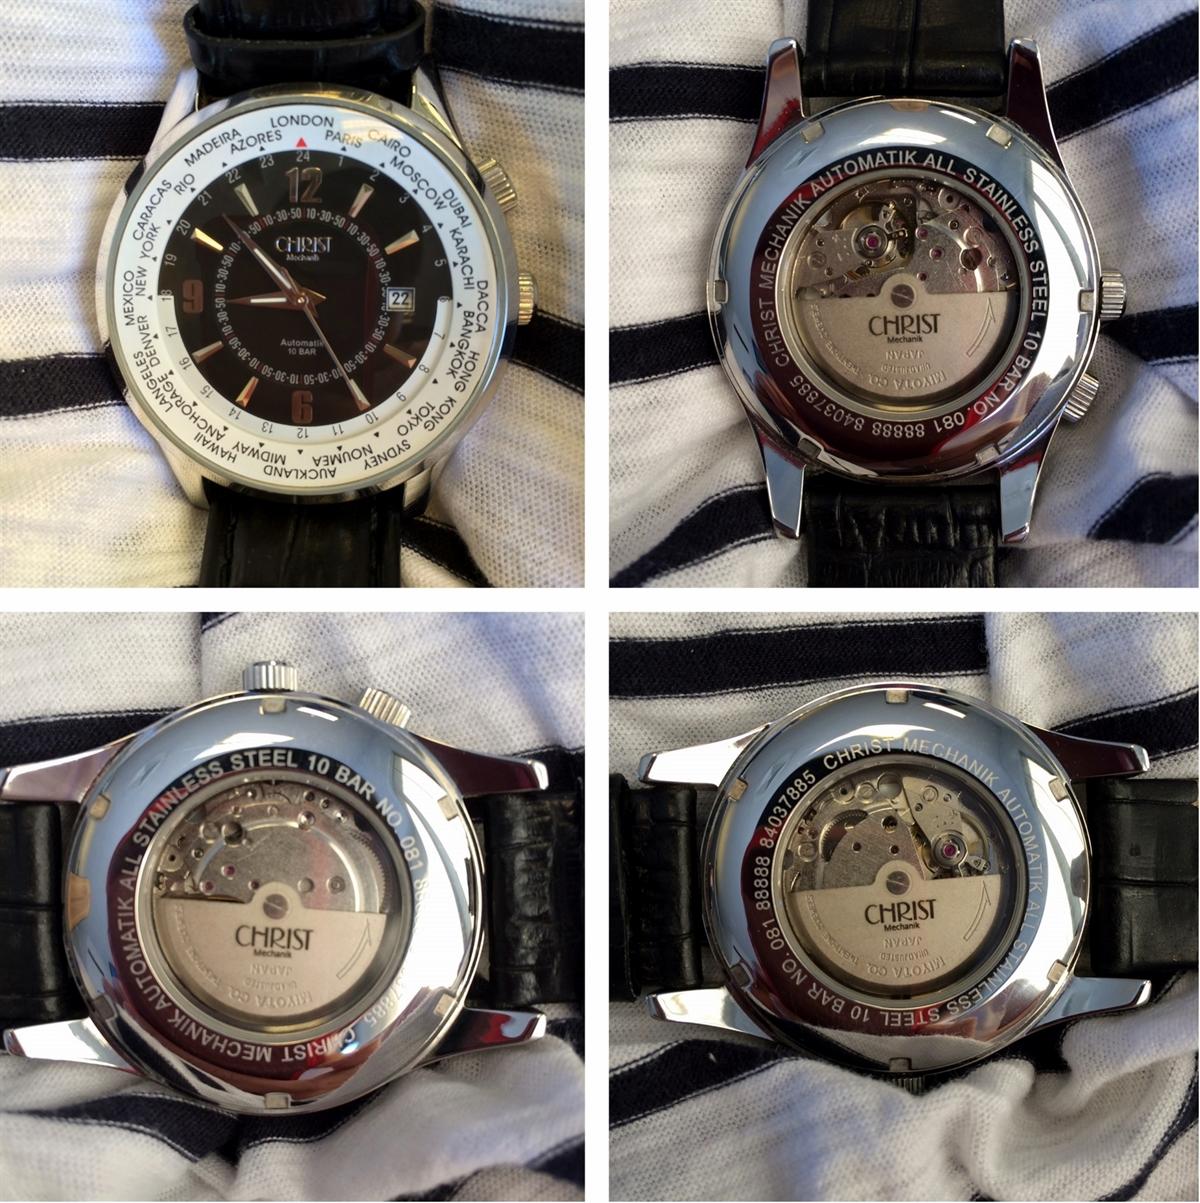 3 luxurious_watch_design_clockworks_construction_luksusowe_zegarki_mechanizm_projektowanie_lifestyle